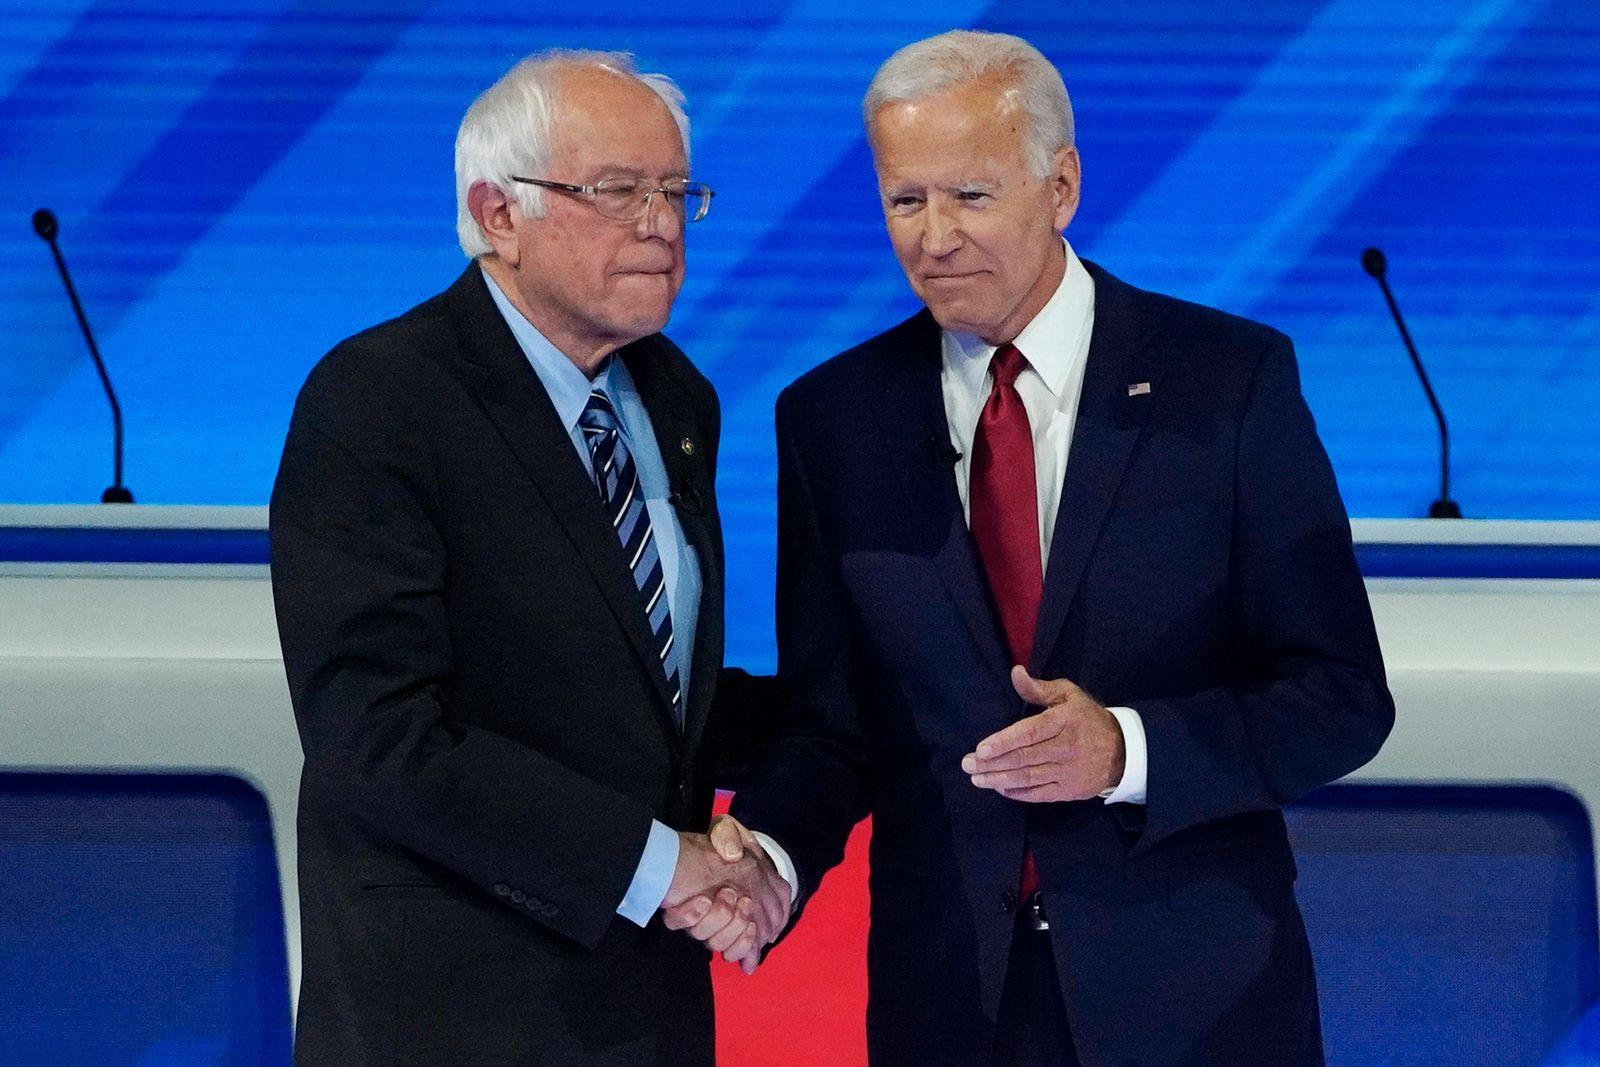 Wahlkampf in den USA - Sanders und Biden